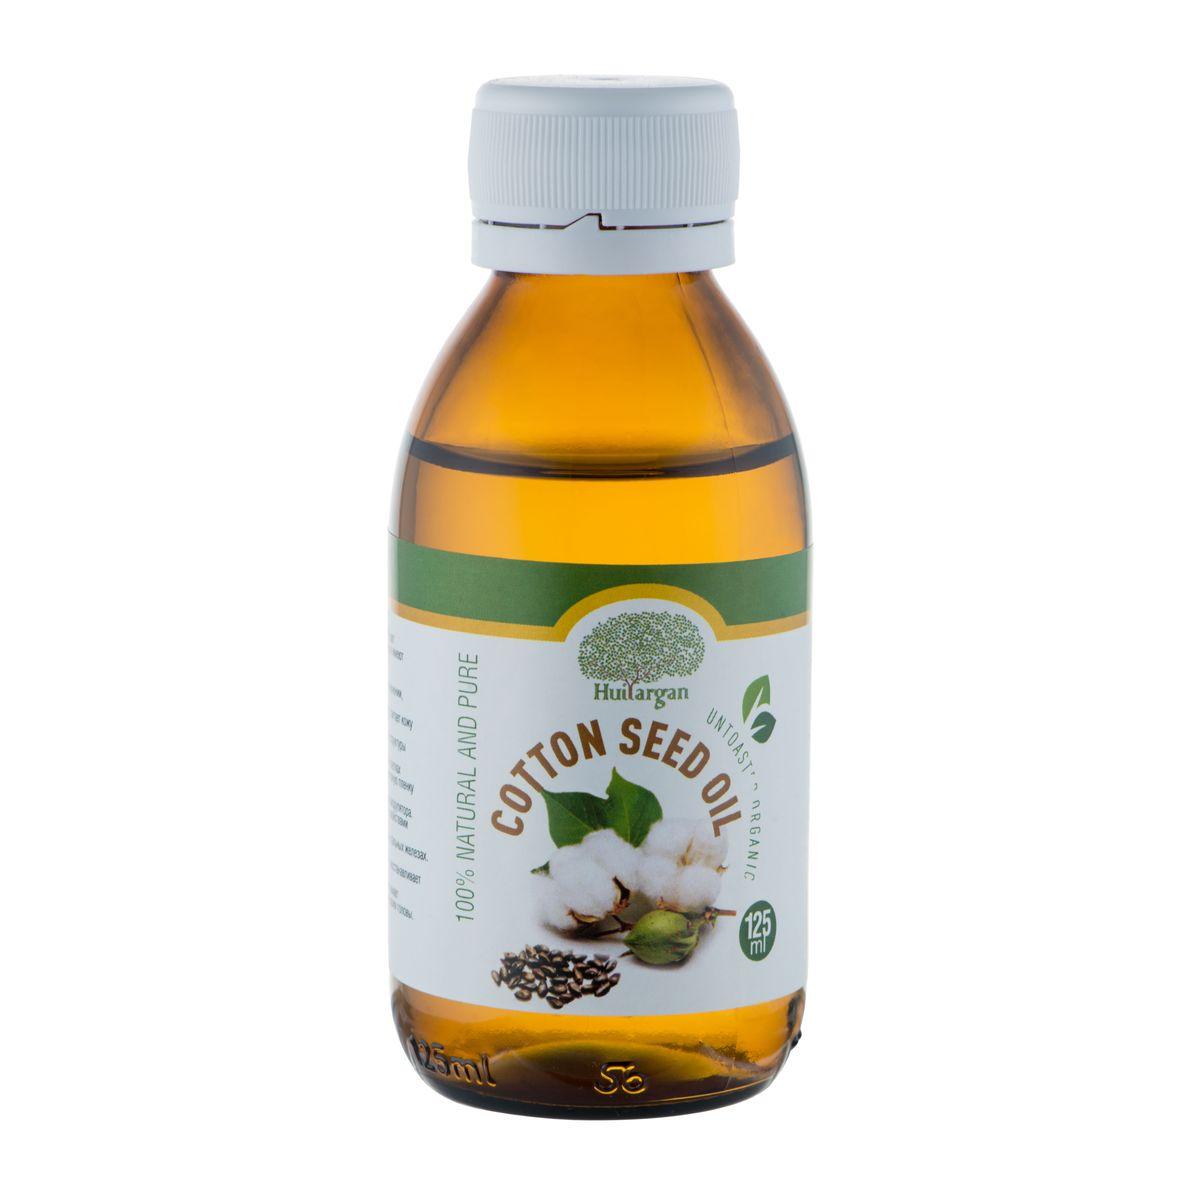 Huilargan Масло хлопковых семян, 100% натуральное, 125 мл2000000009094Масло хлопковых семян (Cotton seed oil) будет идеальным выбором для тех людей, которые имеют аллергию на орехи и ореховые масла. Свойства: - источник мягкости, очень приятно в применении, делает кожу бархатистой и атласной; - обладая лёгкой, шелковистой структурой, питает кожу изнутри, не оставляя жирного ощущения; - Восстанавливает нарушенные клеточные структуры кожного покрова головы. - Сохраняет необходимый уровень воды в клетках подкожной зоны и восстанавливает гидролизную пленку эпидермиса. - Выполняет функцию природного иммуномодулятора. - Обладает активными регенерирующими свойствами внутри волосяной луковицы. - Нормализует клеточный обмен веществ в сальных железах. - Влияет на синтез коллагена. - Тонизирует, смягчает волосяной покров, восстанавливает кератиновые чешуйки волос. - За счет антибактериальной активности снимает воспаление и раздражения чувствительной кожи головы. Применение: - сухая кожа; - чувствительная и...